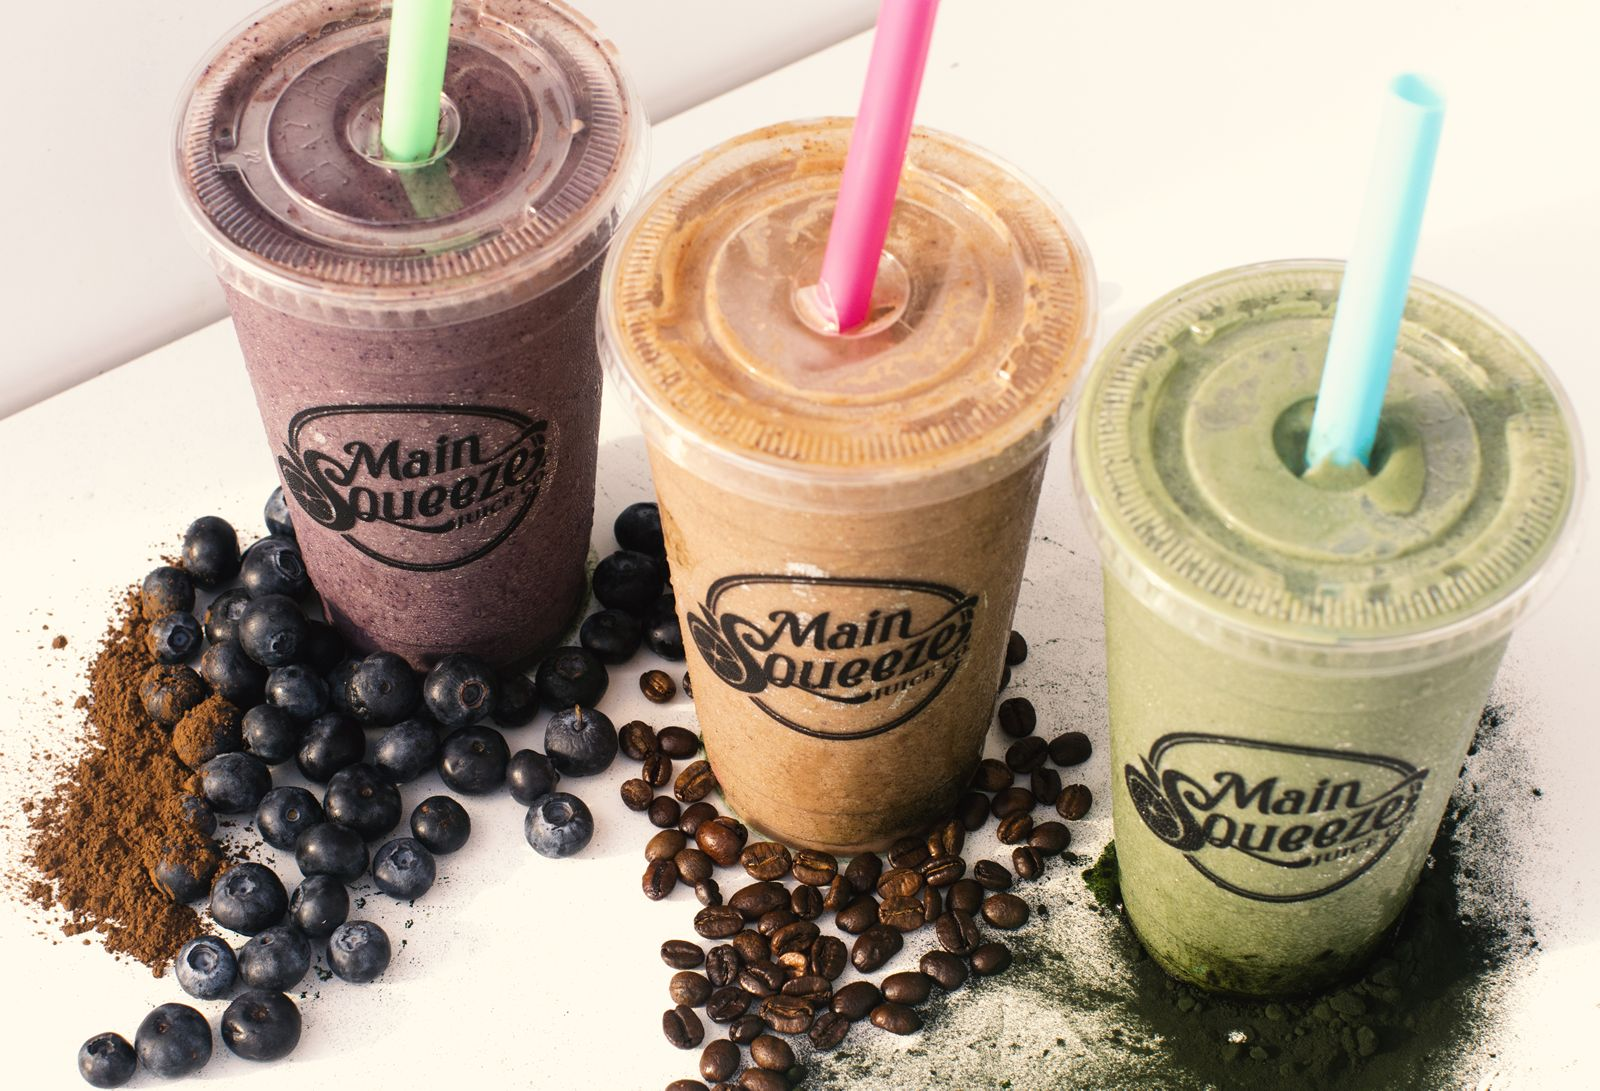 Main Squeeze Juice Co. ouvre un site unique en son genre à Cypress